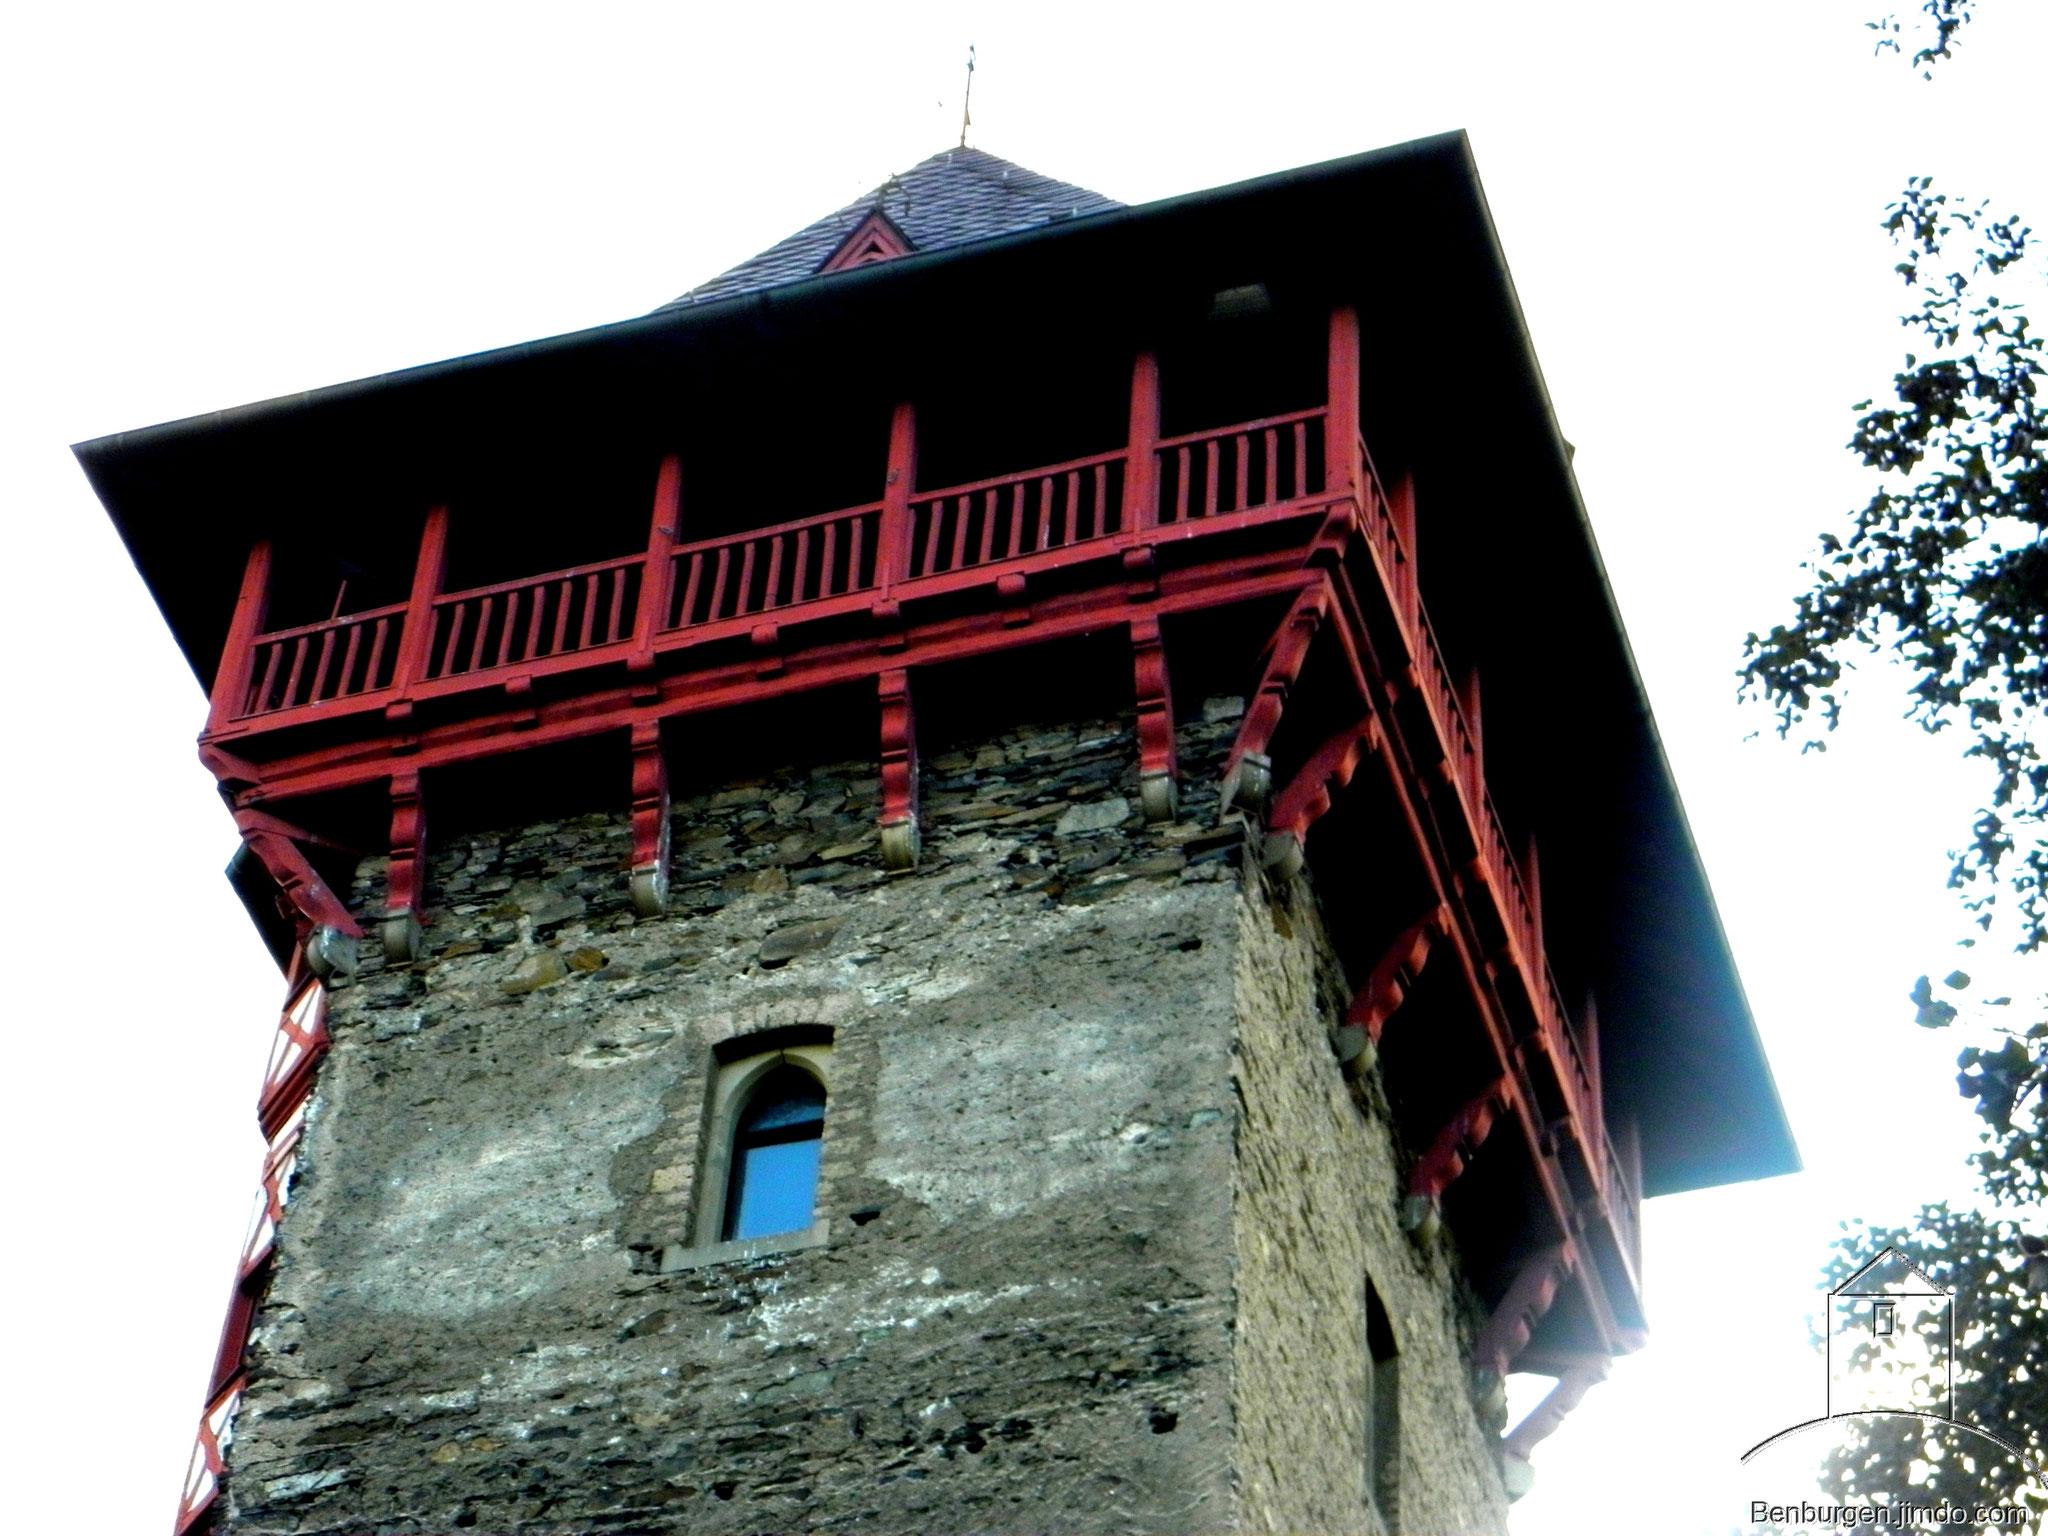 Bergfried mit Aufsatz aus dem 19. Jahrhundert. NIederburg Gondorf